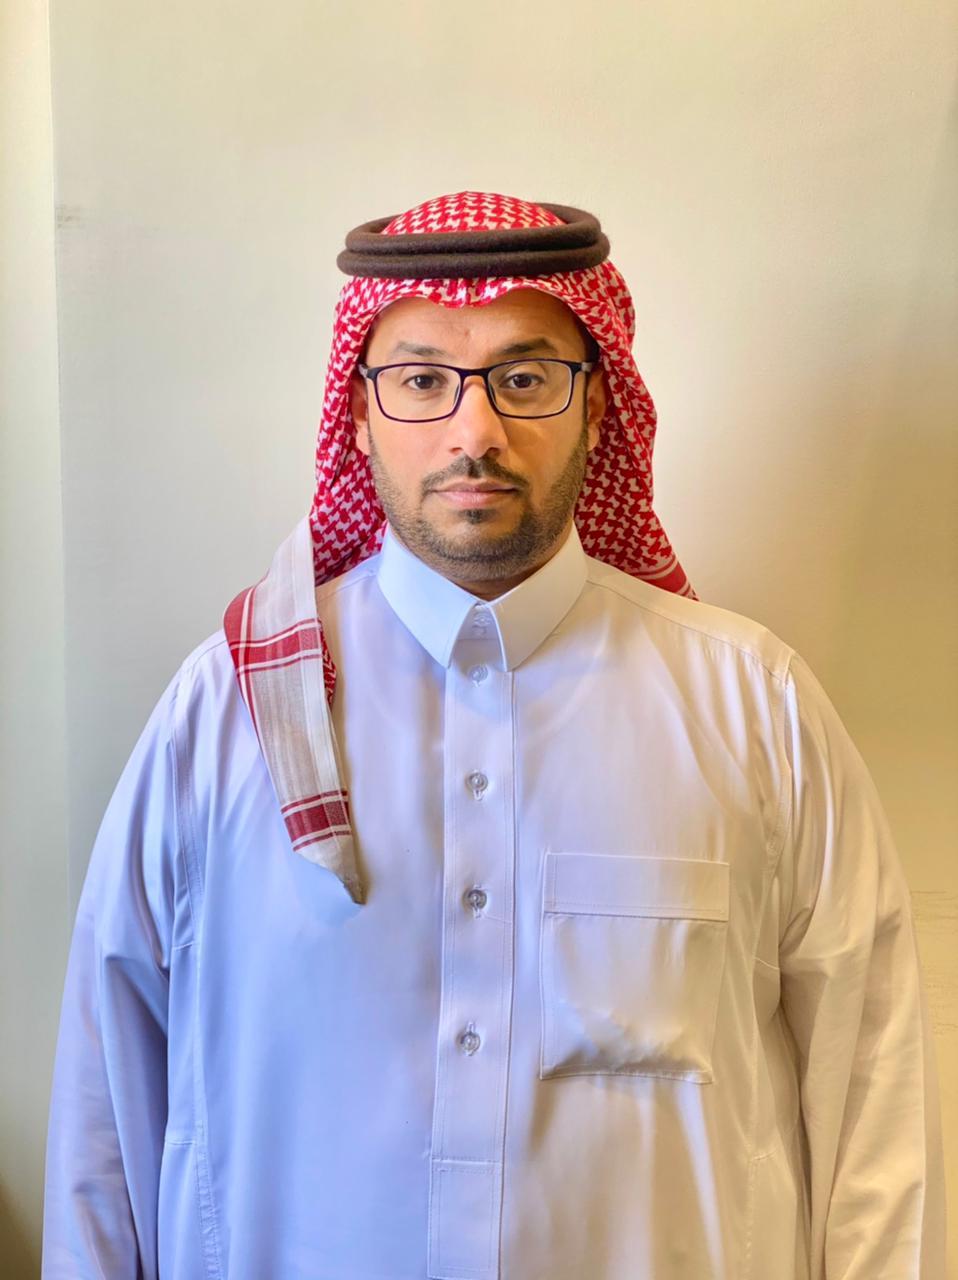 محمد بن سعد القرني